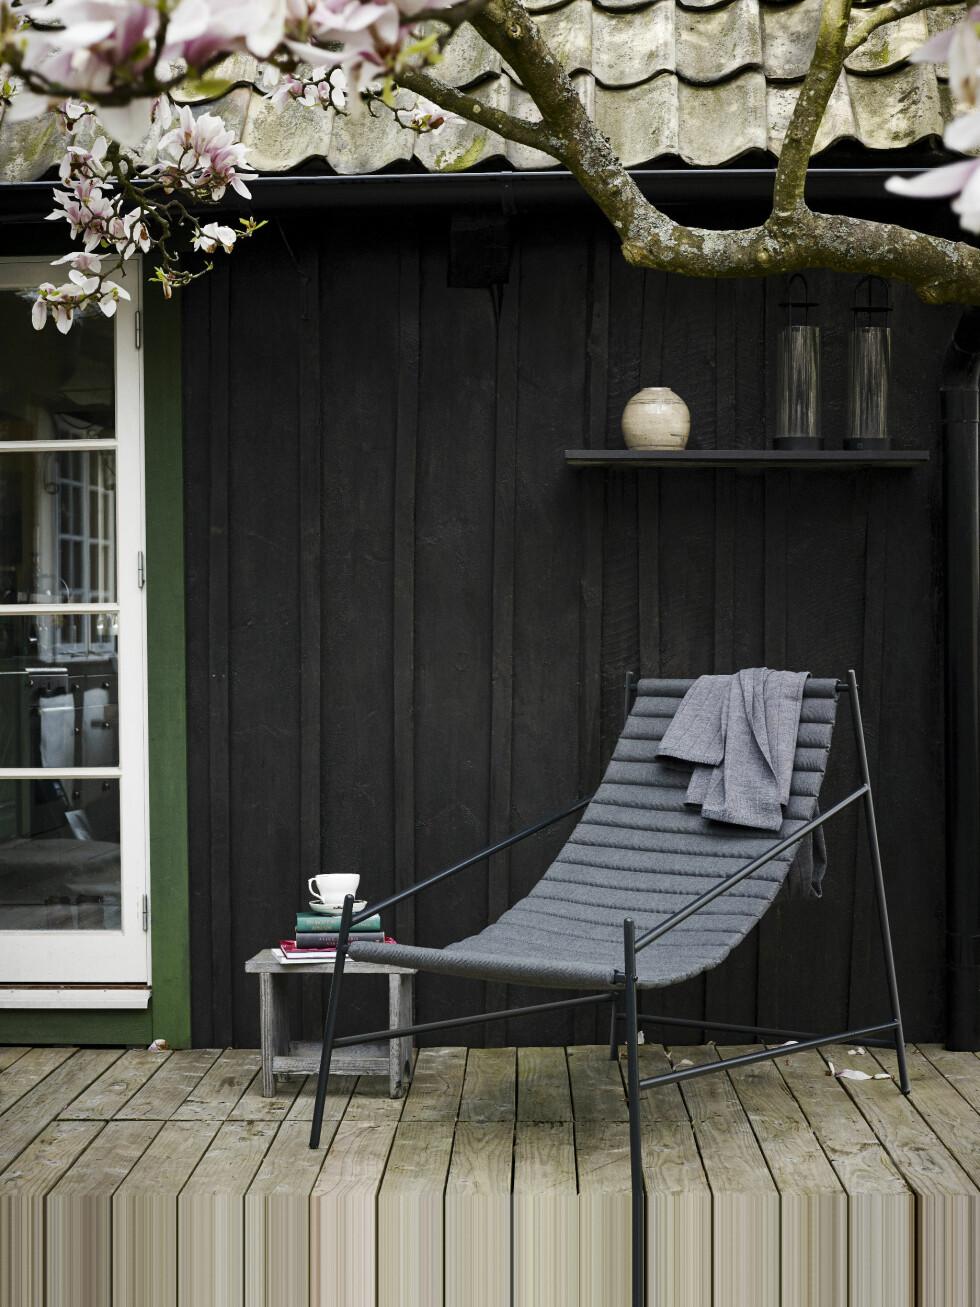 UTENDØRSHYLLE: Det er klart du kan ha hyller på veggen ute også! Mal dem i samme farge som veggen, så stikker den seg ikke ut, men blir en smart og delikat oppbevaringsplass og et sted for fine pyntegjenstander. Gå for solide utemøbler som gjør seg like fint inne resten av året. En god investering! Solstolen «Hang chair» (kr 5195, skagerak.dk). Foto: Krista Elvheim